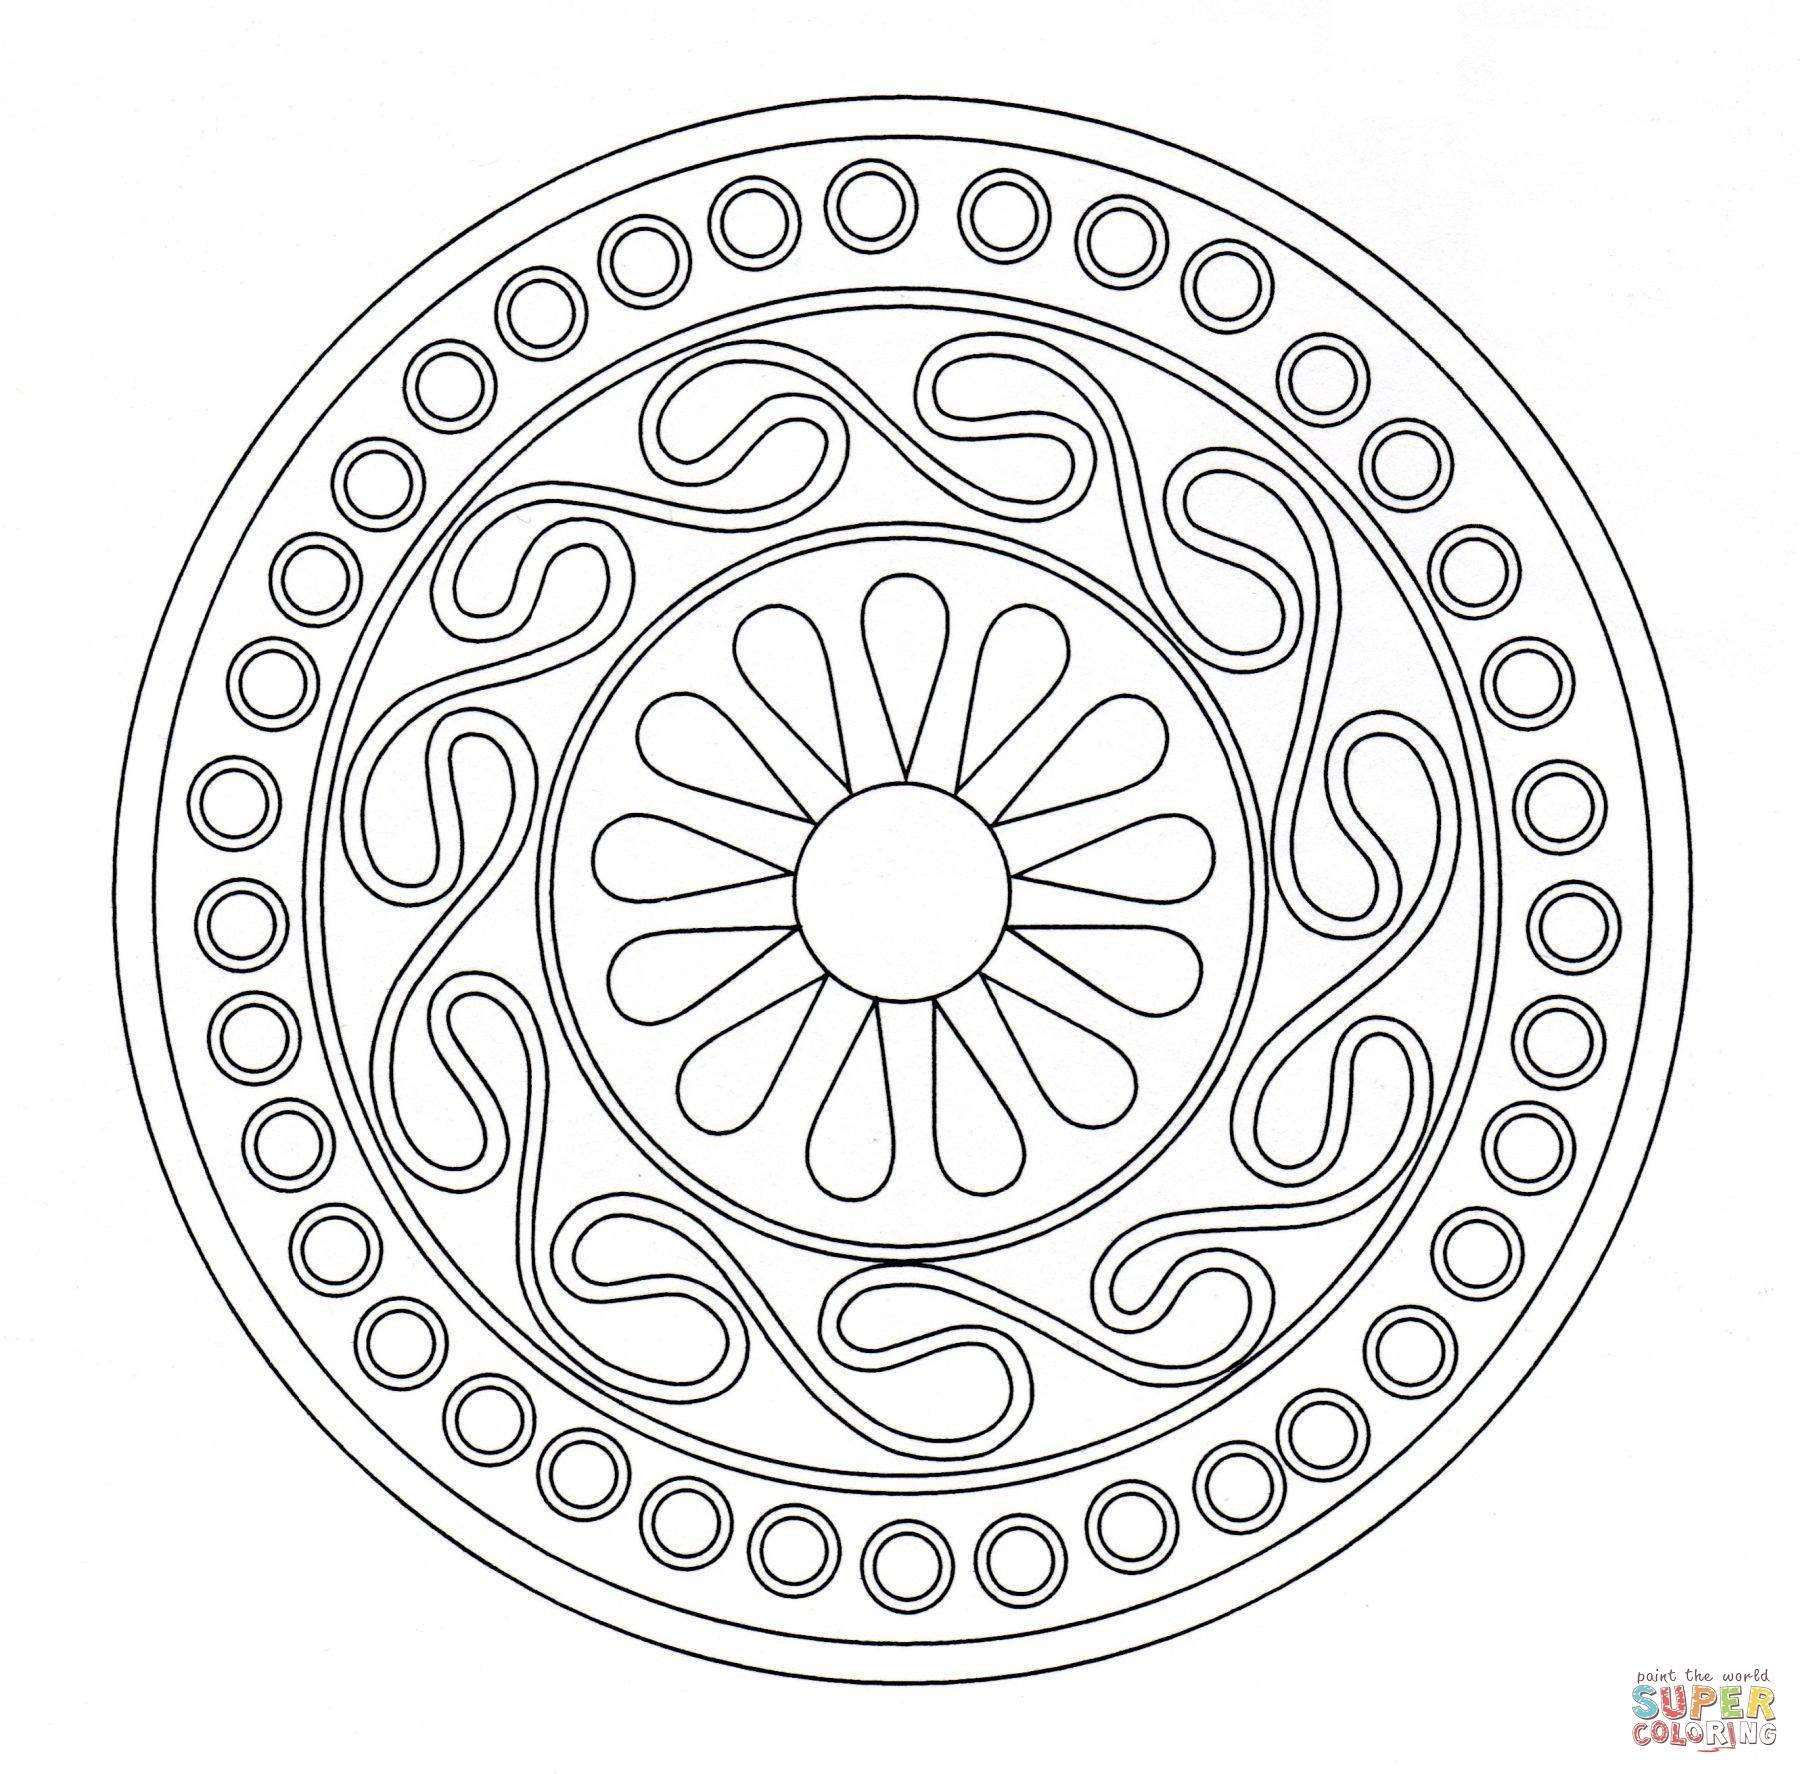 1800x1774 Celtic Ornament Super Coloring Mandala Ornament